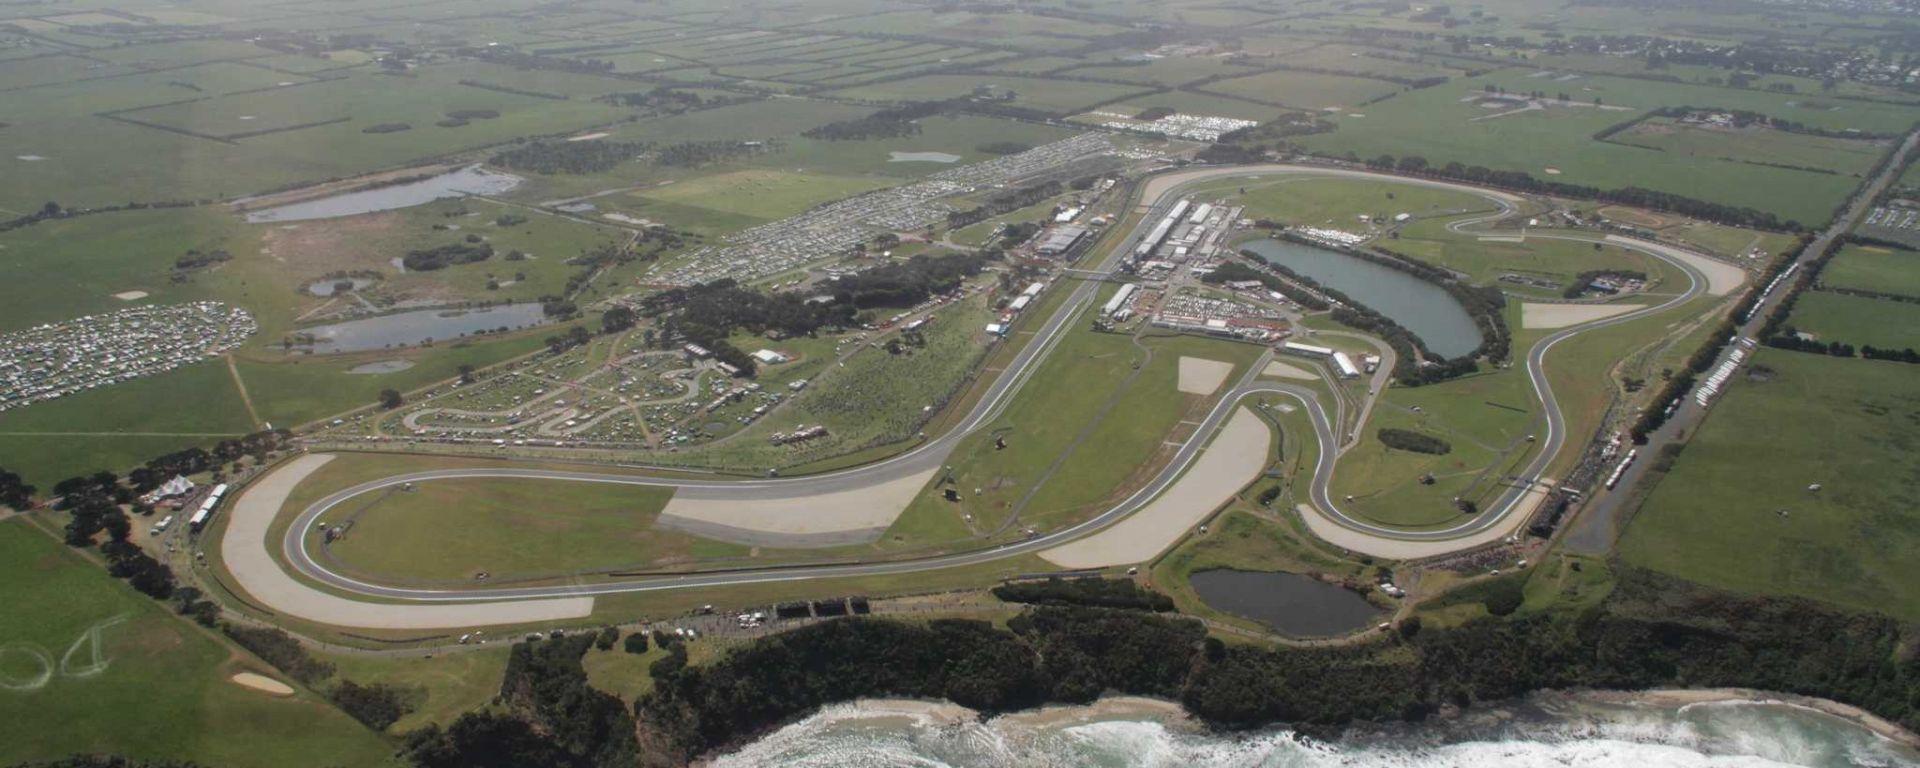 MotoGP Australia: Prove libere, qualifiche, risultati gara